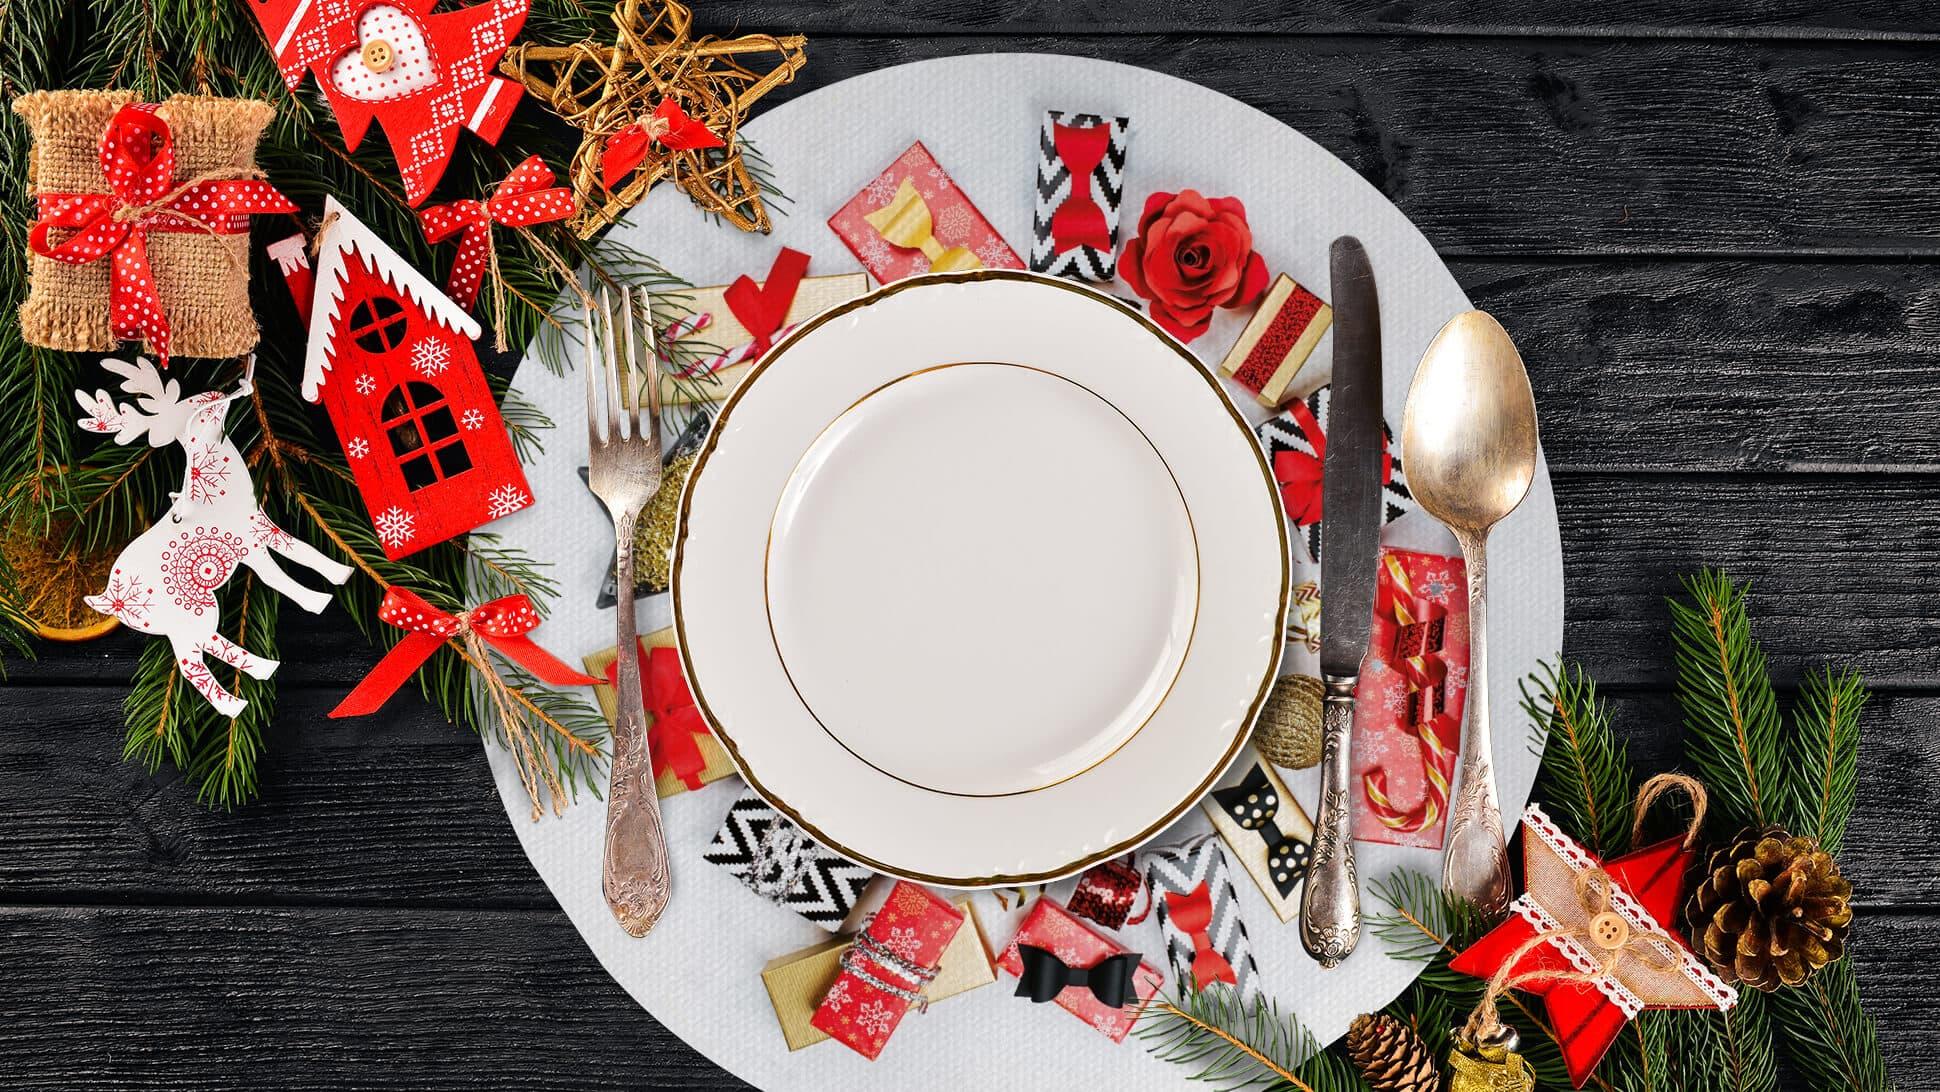 tovaglietta tonda natalizia con pacchetti regalo oro e rossi | tictac.it